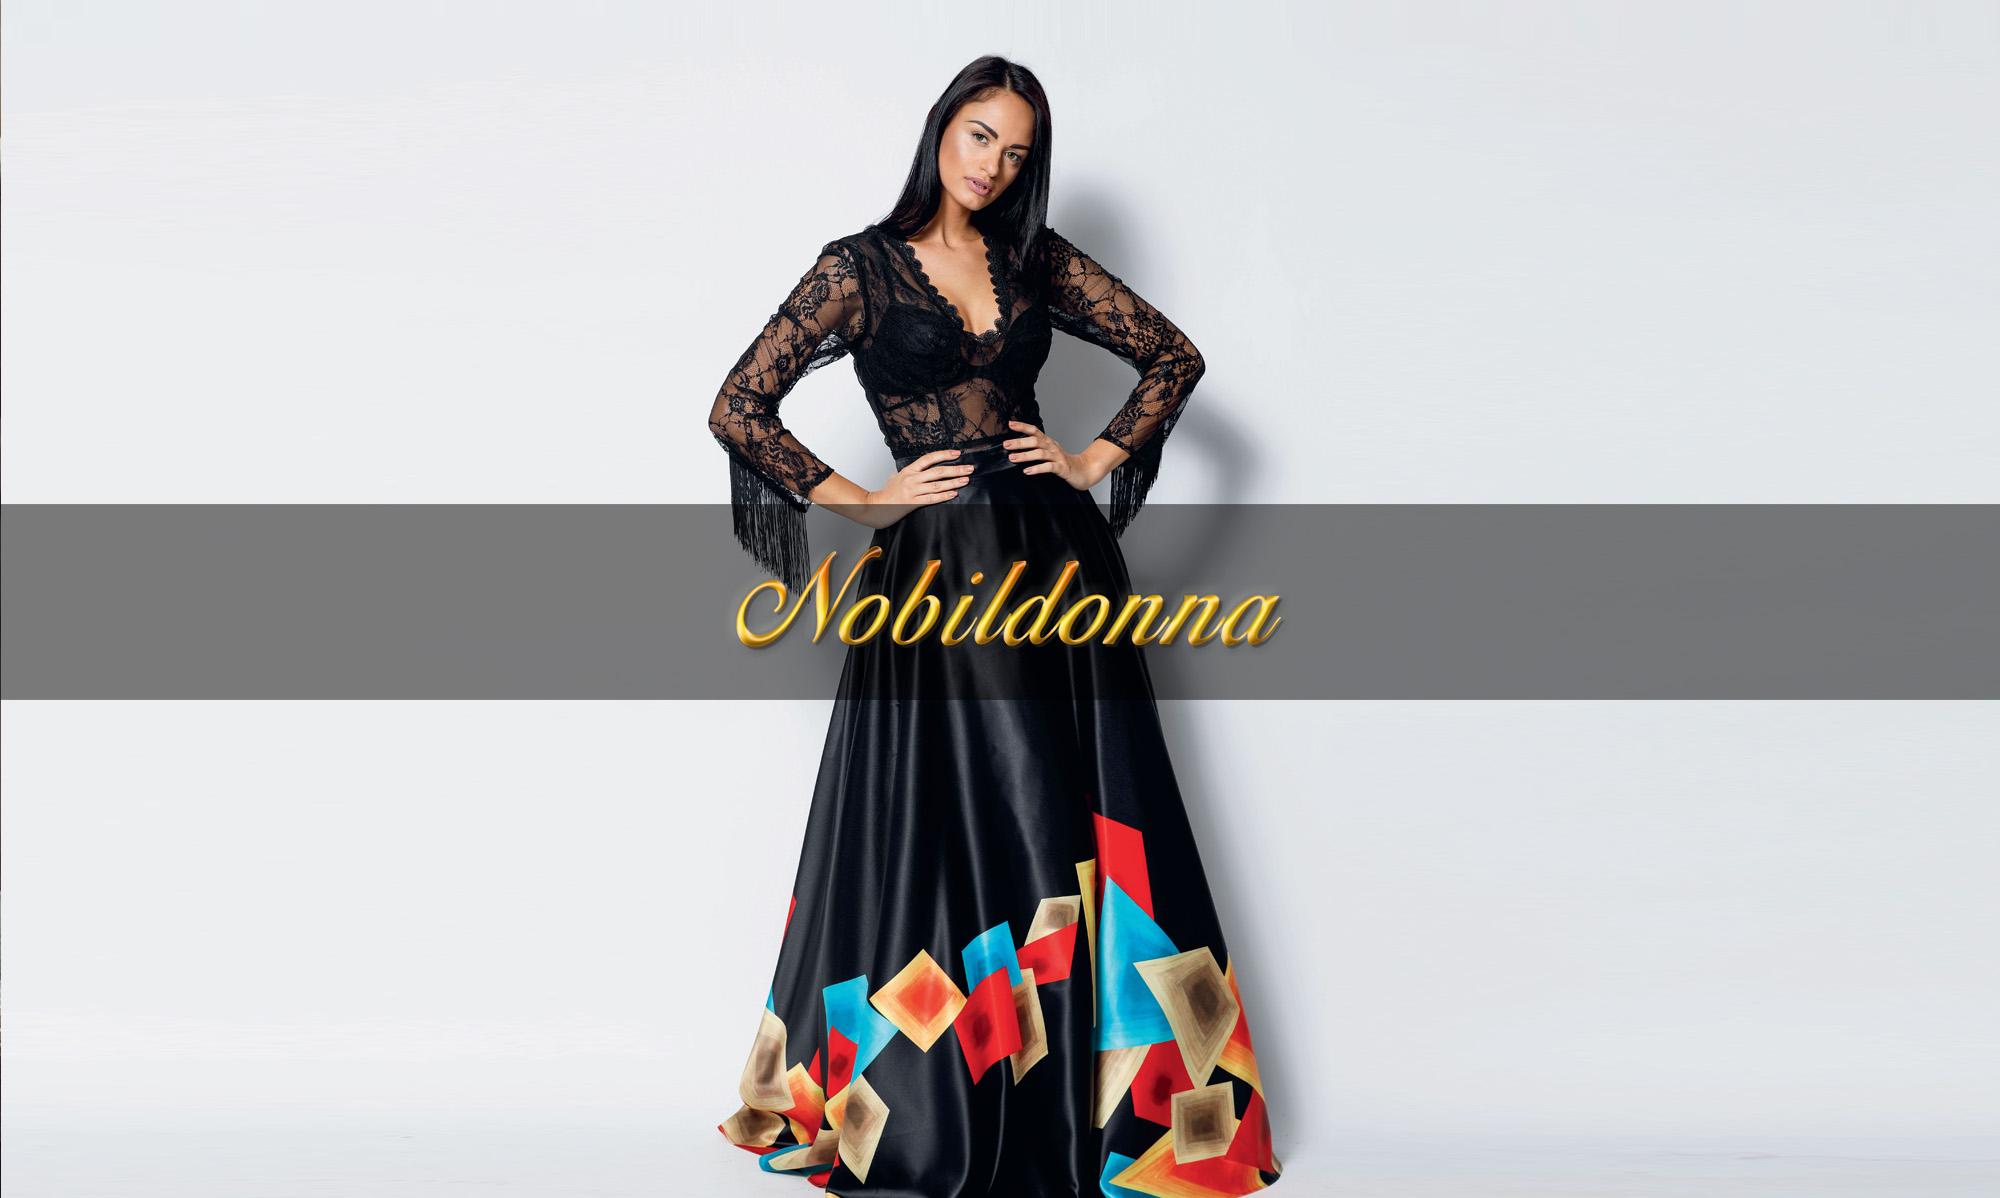 Vestiti Lunghi Eleganti Shop Online.Nobildonna Abiti Da Cerimonia Napoli Abbigliamento Donna Napoli